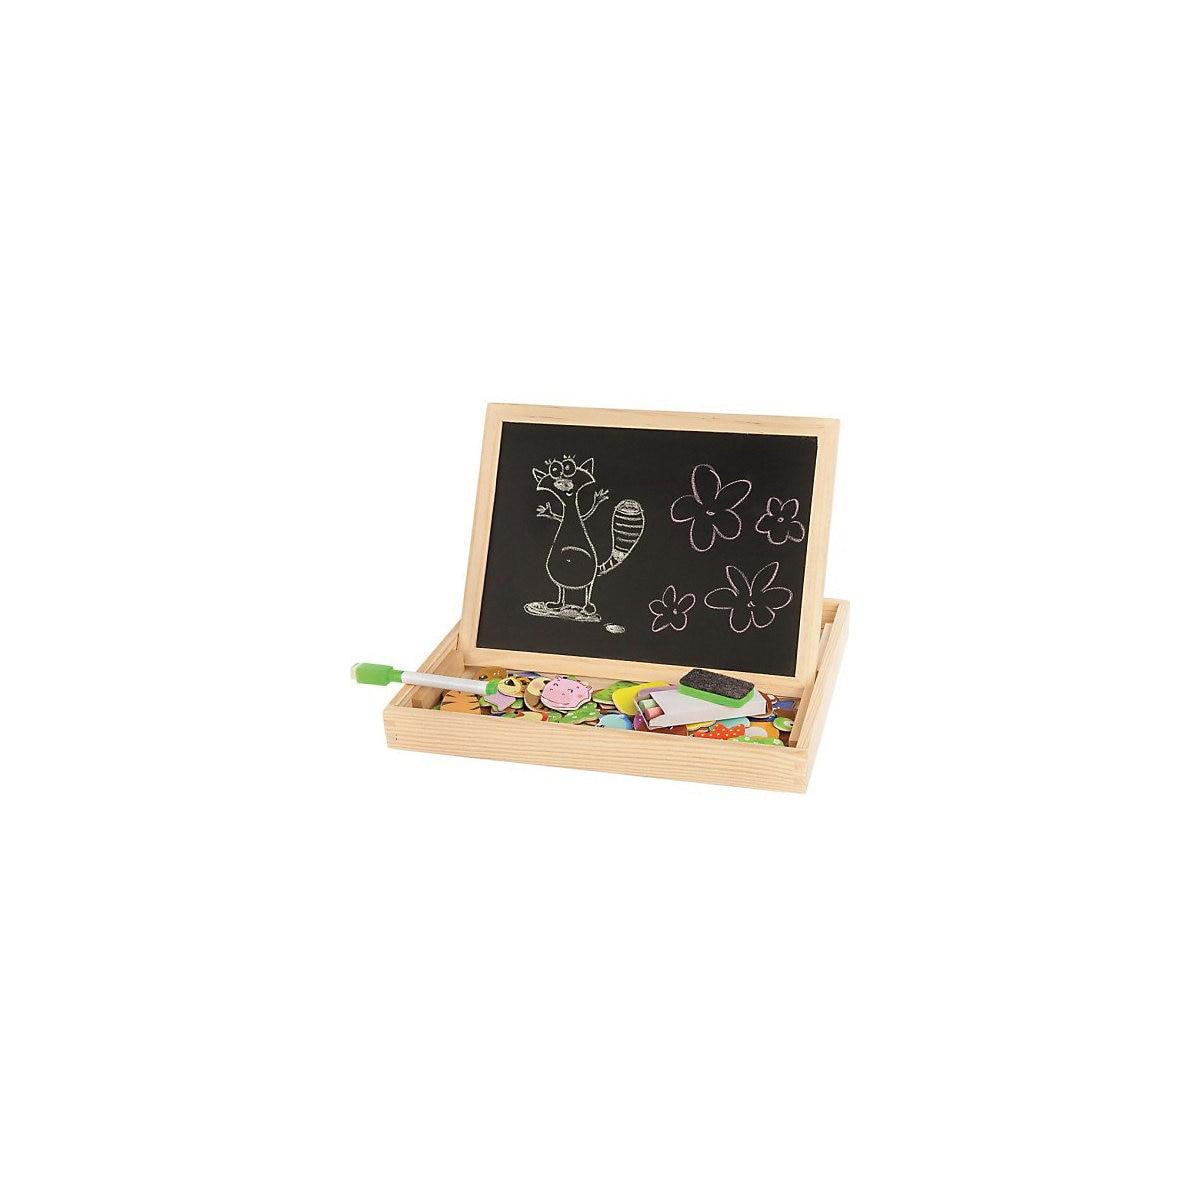 MAPACHA Holz Blöcke 4925605 für jungen und mädchen Pädagogisches spielzeug für kinder Baby Kinder MTpromo - 5